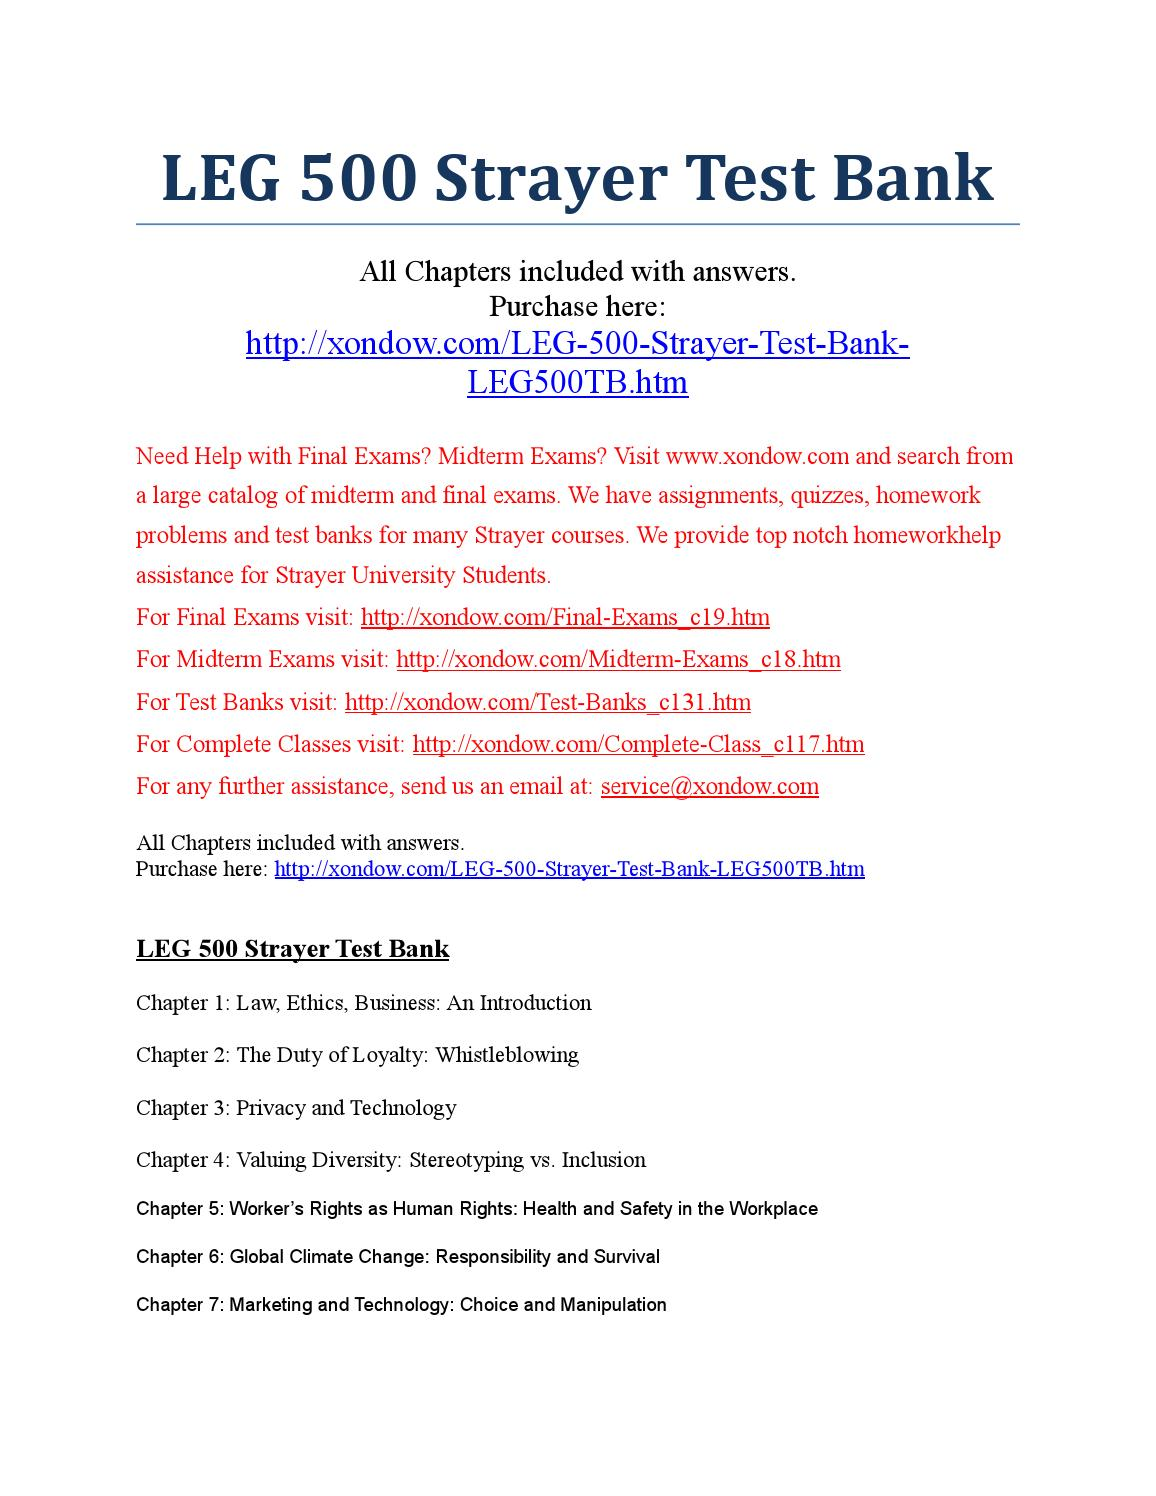 Leg500 exam